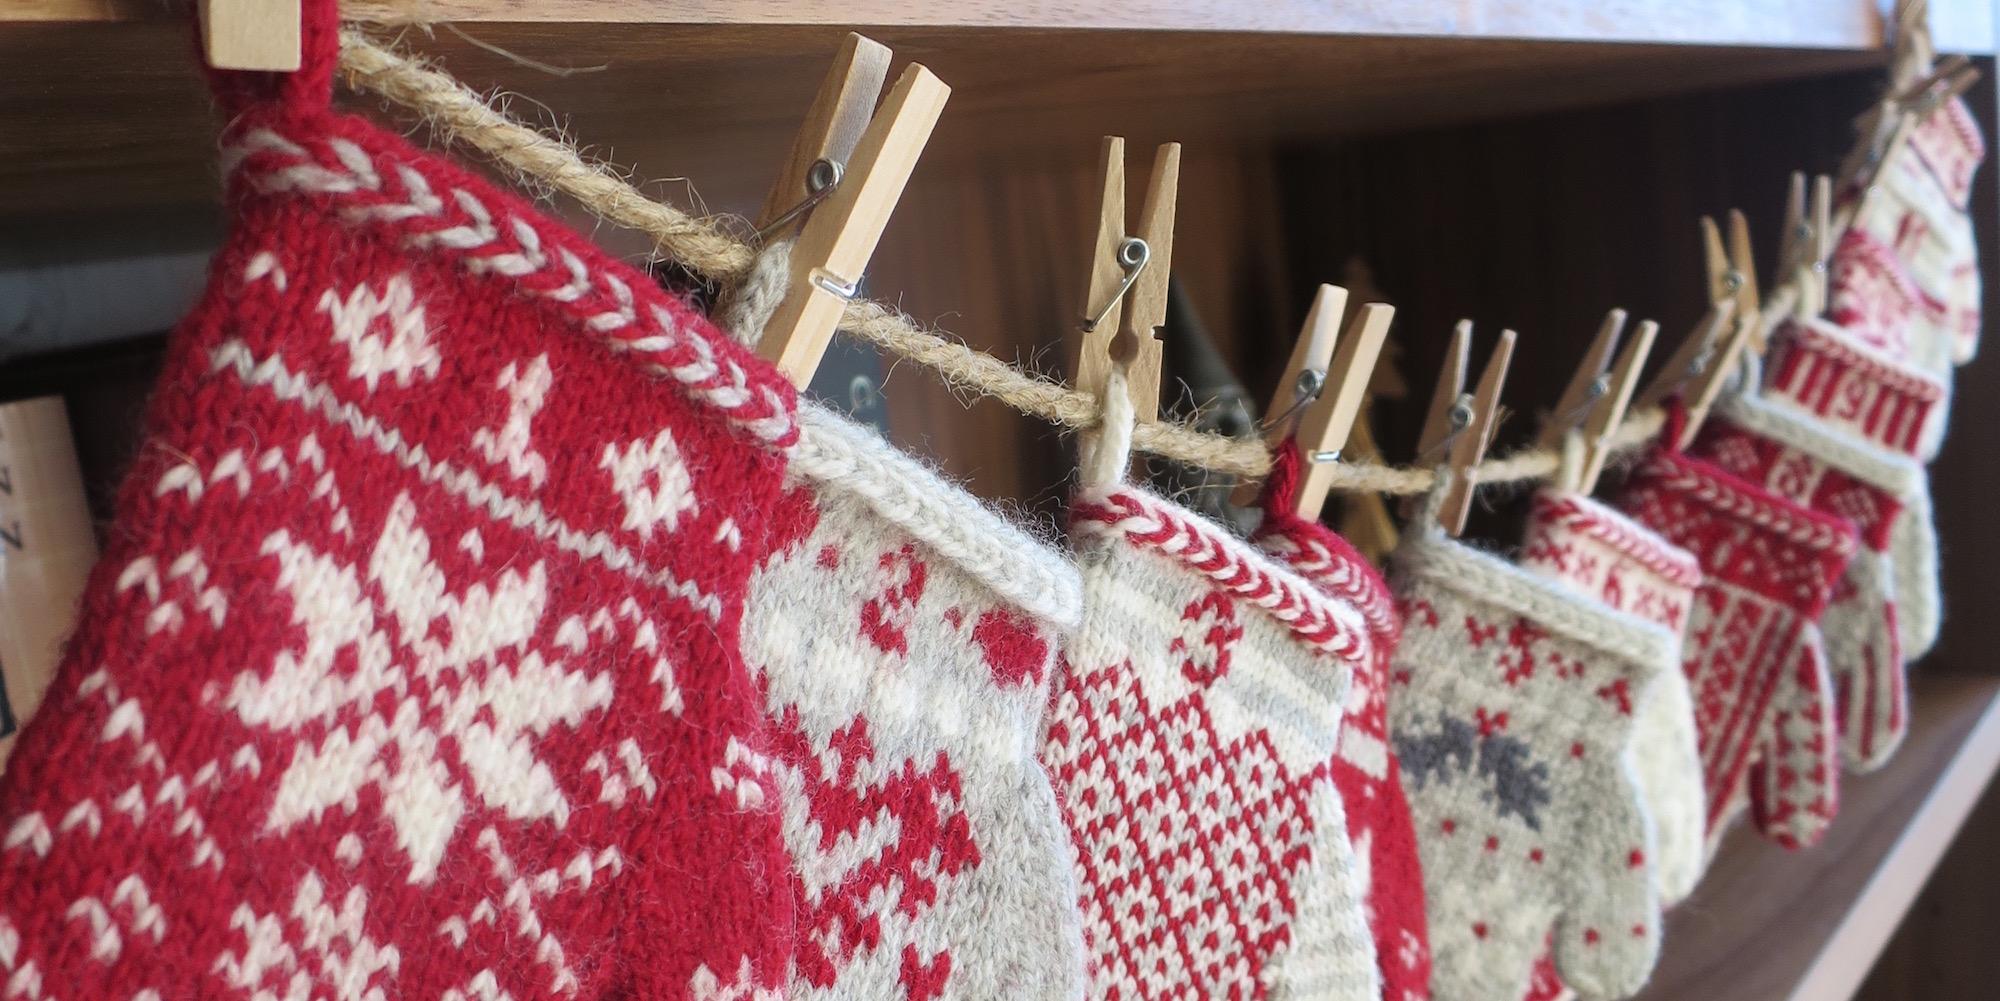 Advent Calendar Handmade Knitting : Just crafty enough mitten garland advent calendar